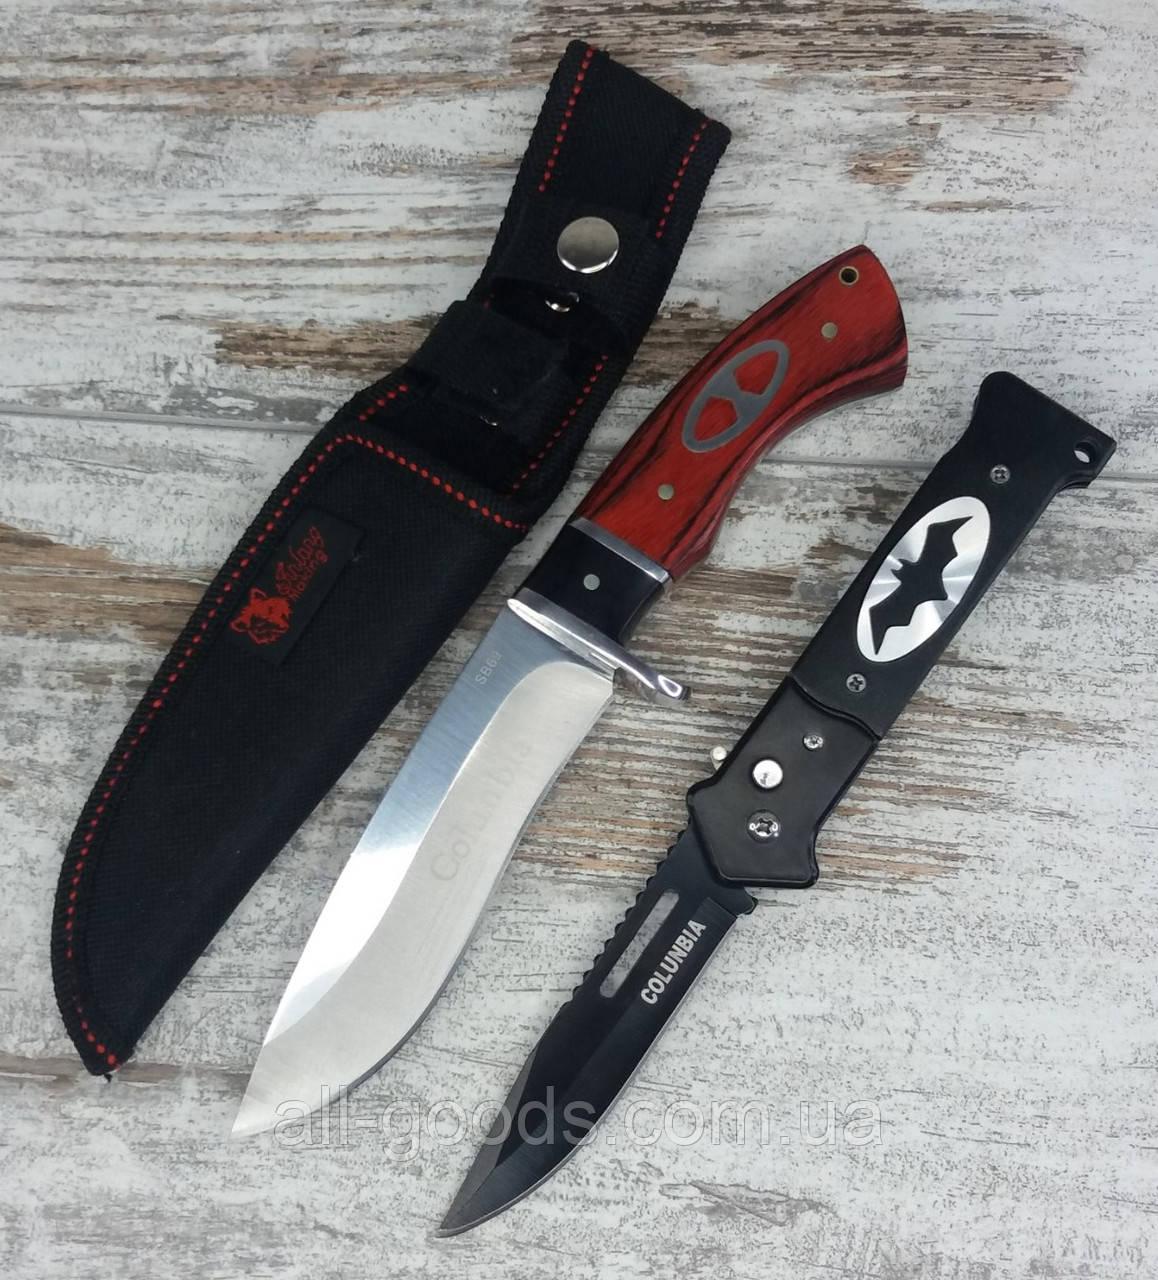 Охотничий нож COLUNBIA SB69- 22 см / 88 в комплекте с универсальным выкидным ножом COLUNBIA 20,5 см К-883